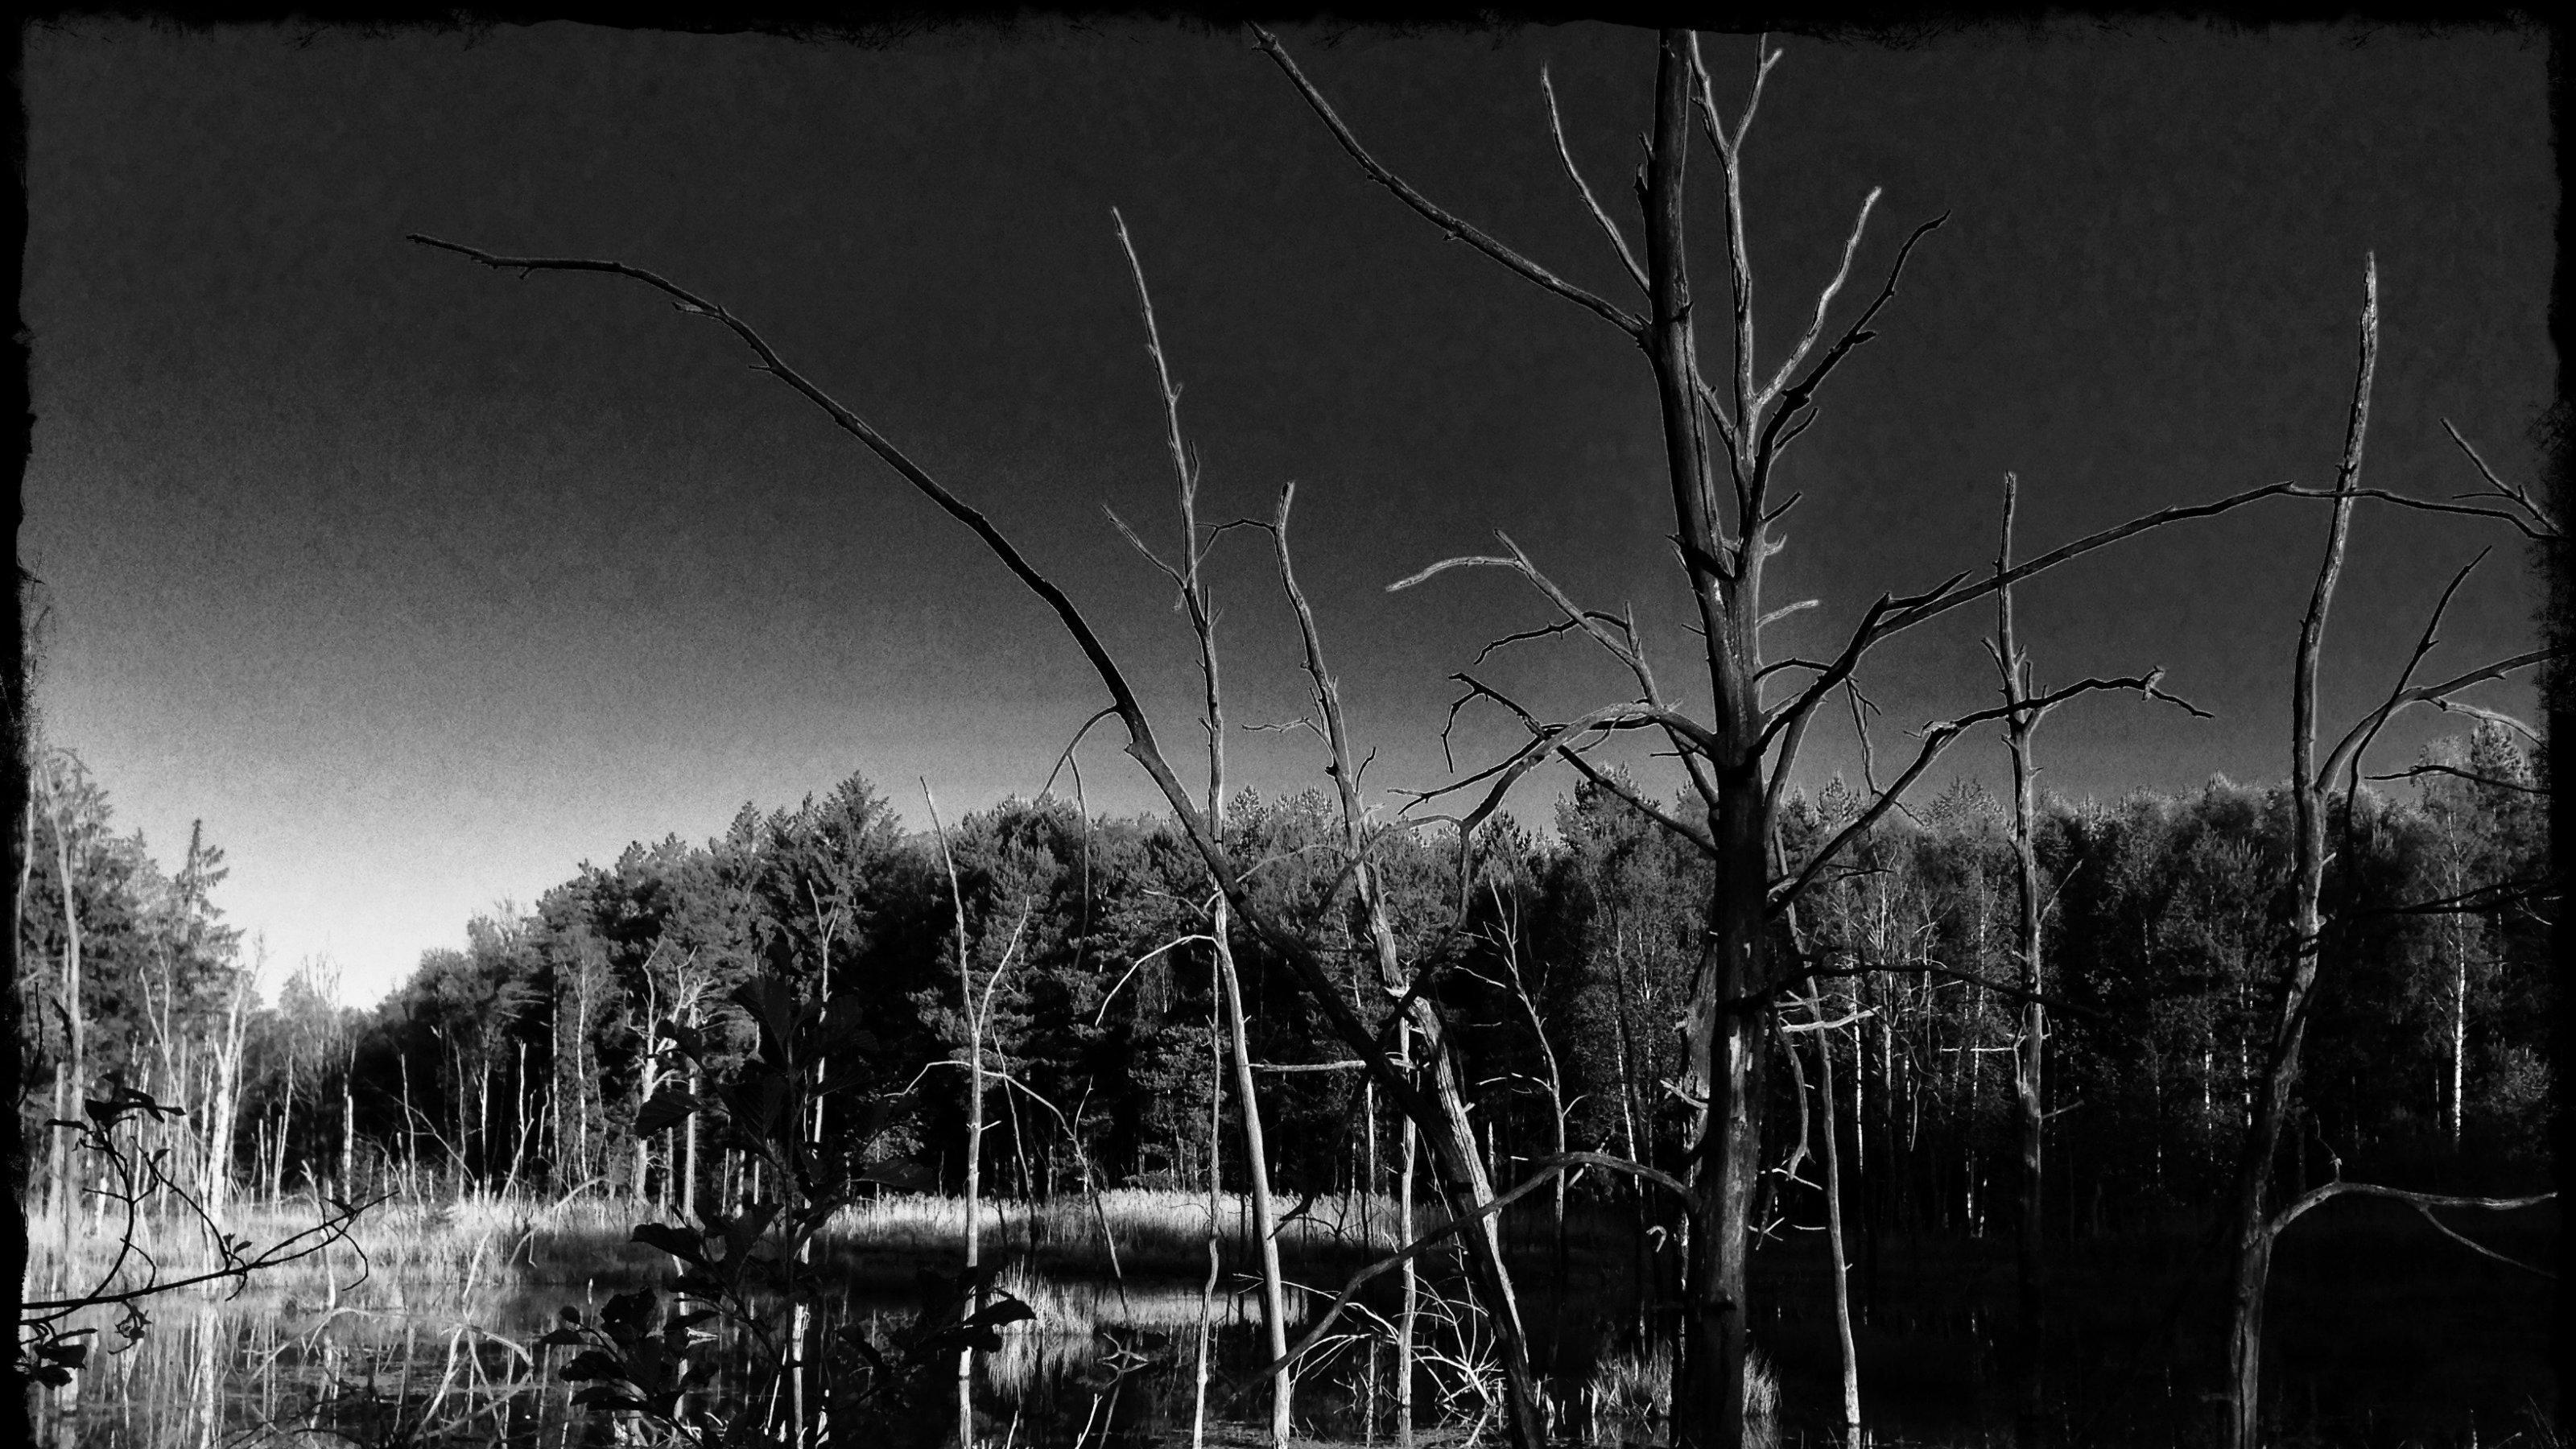 Schwarz-weißes Bild einer verlassenen See-Landschaft mit abgestorbenen Birkenstümpfen als Ergebnis des Dammbaus eines Bibers.